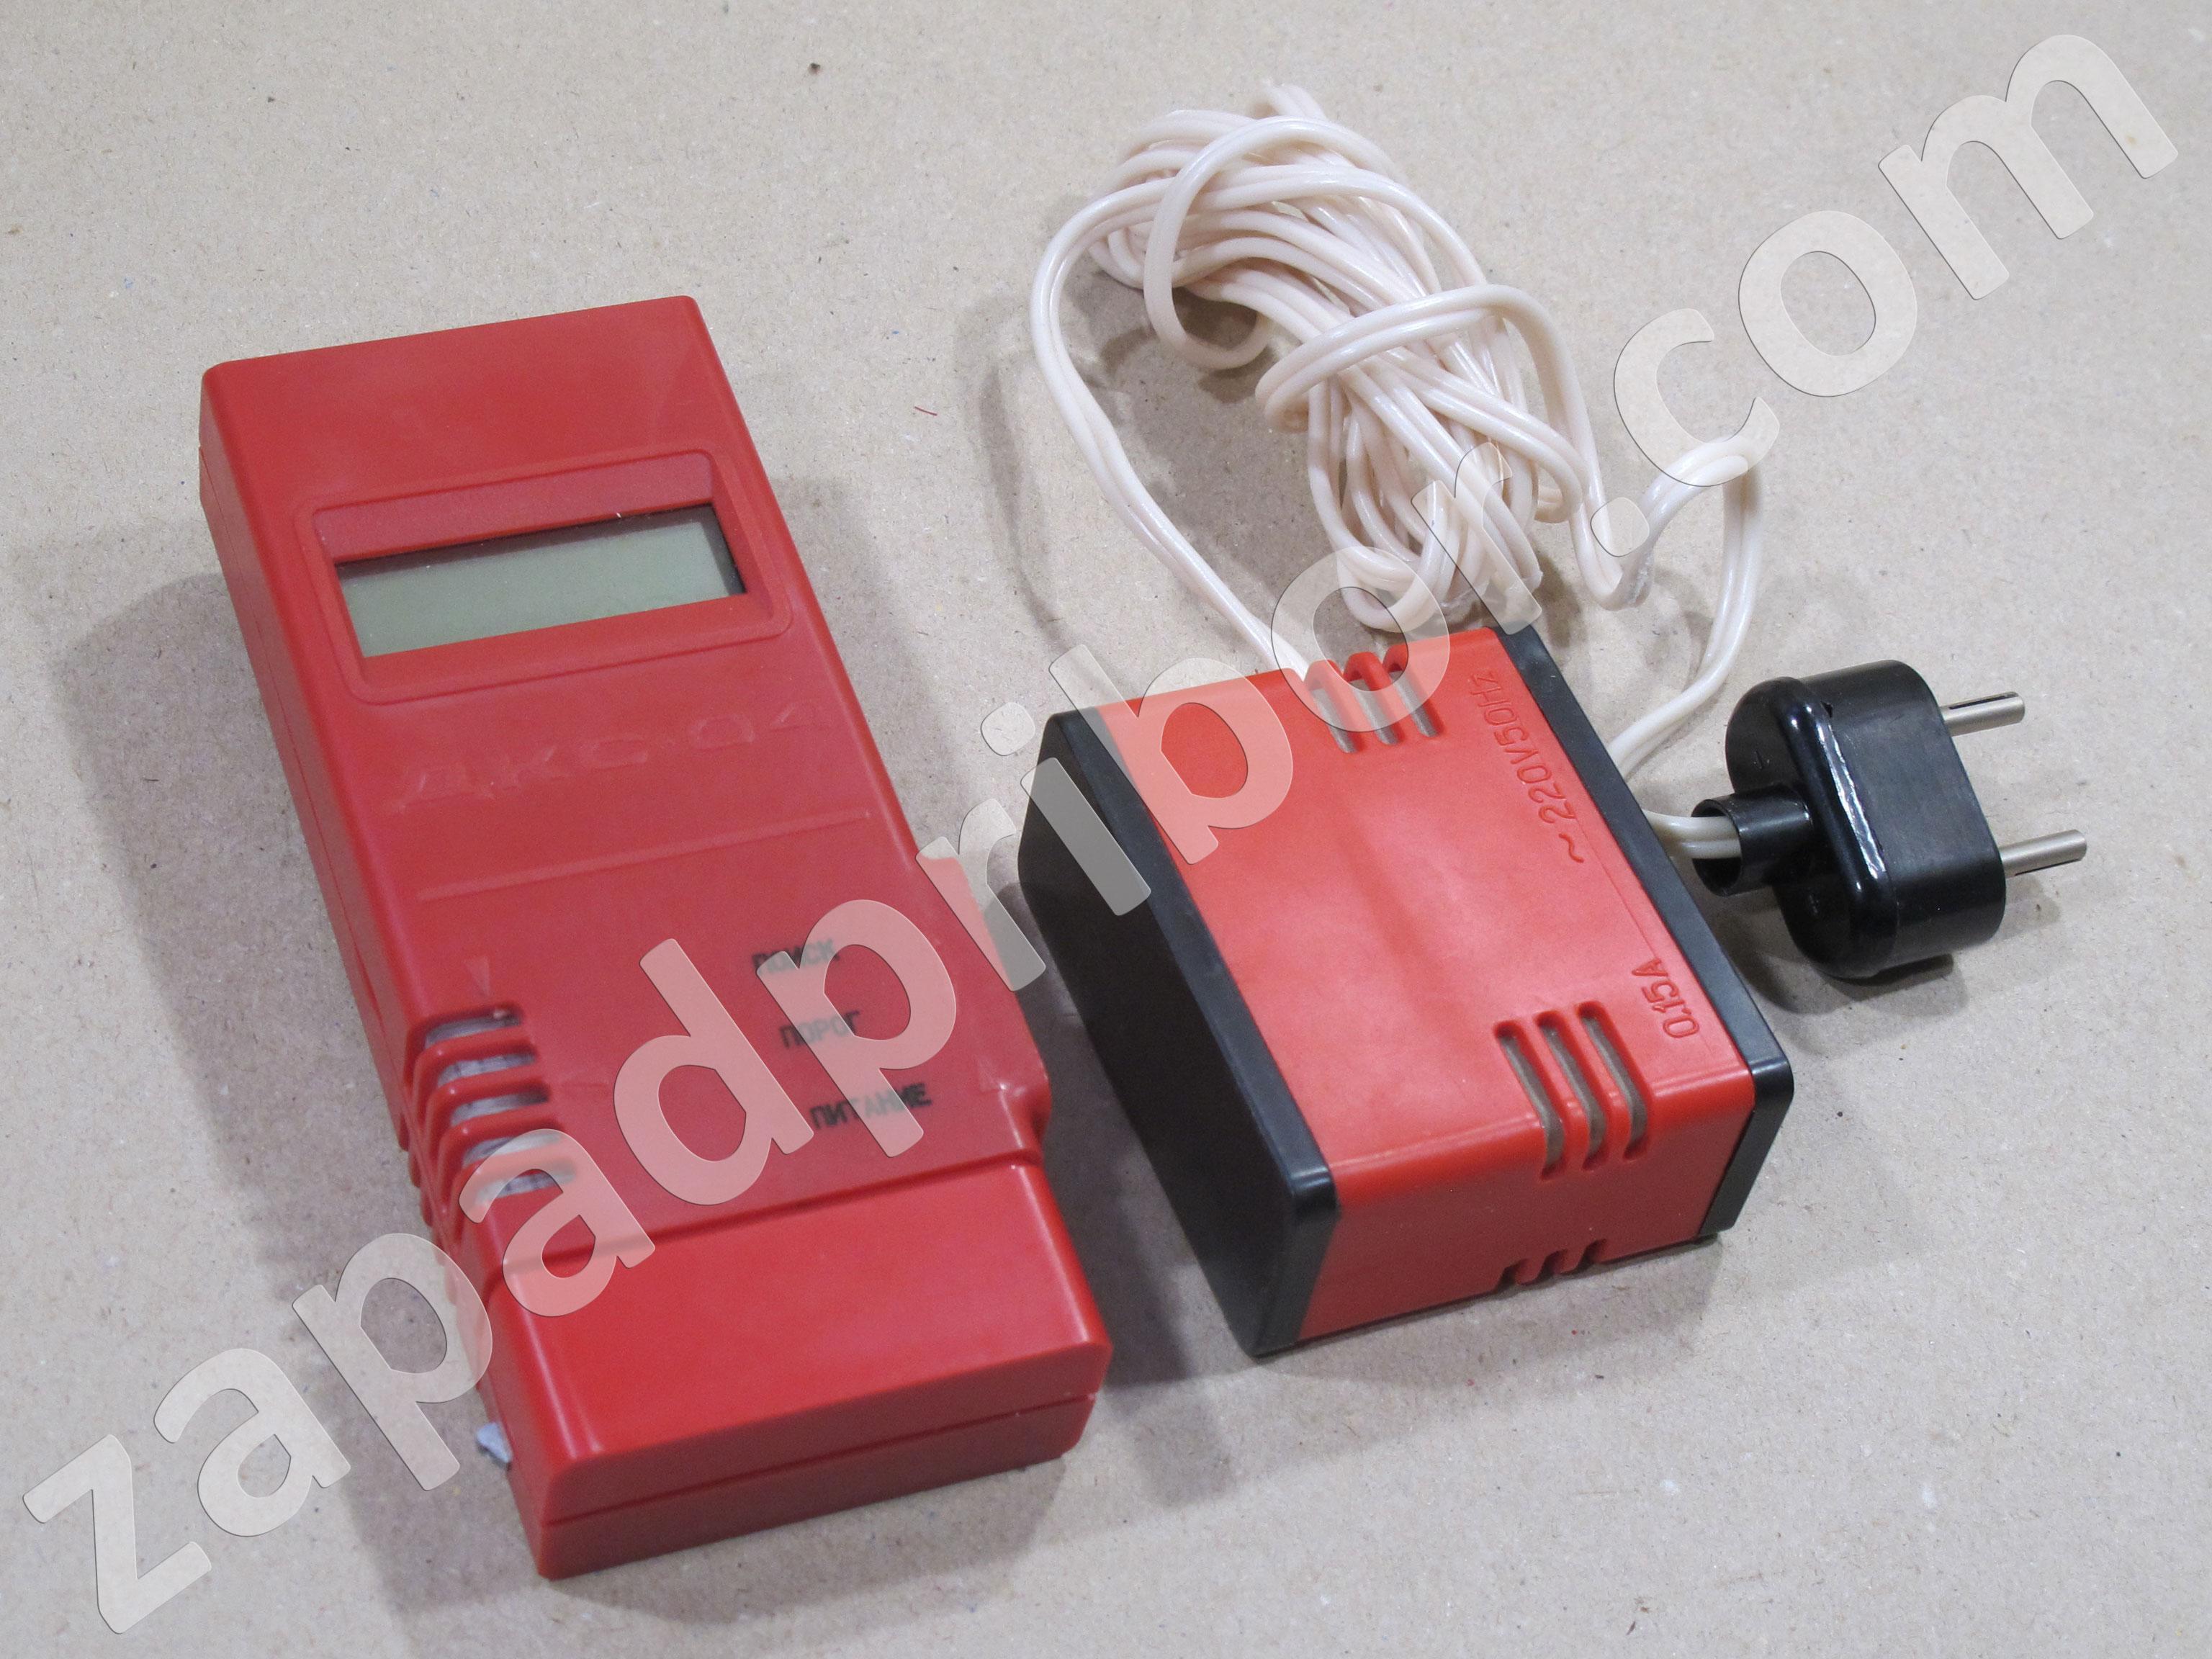 газоанализатор ши-11 инструкция по применению